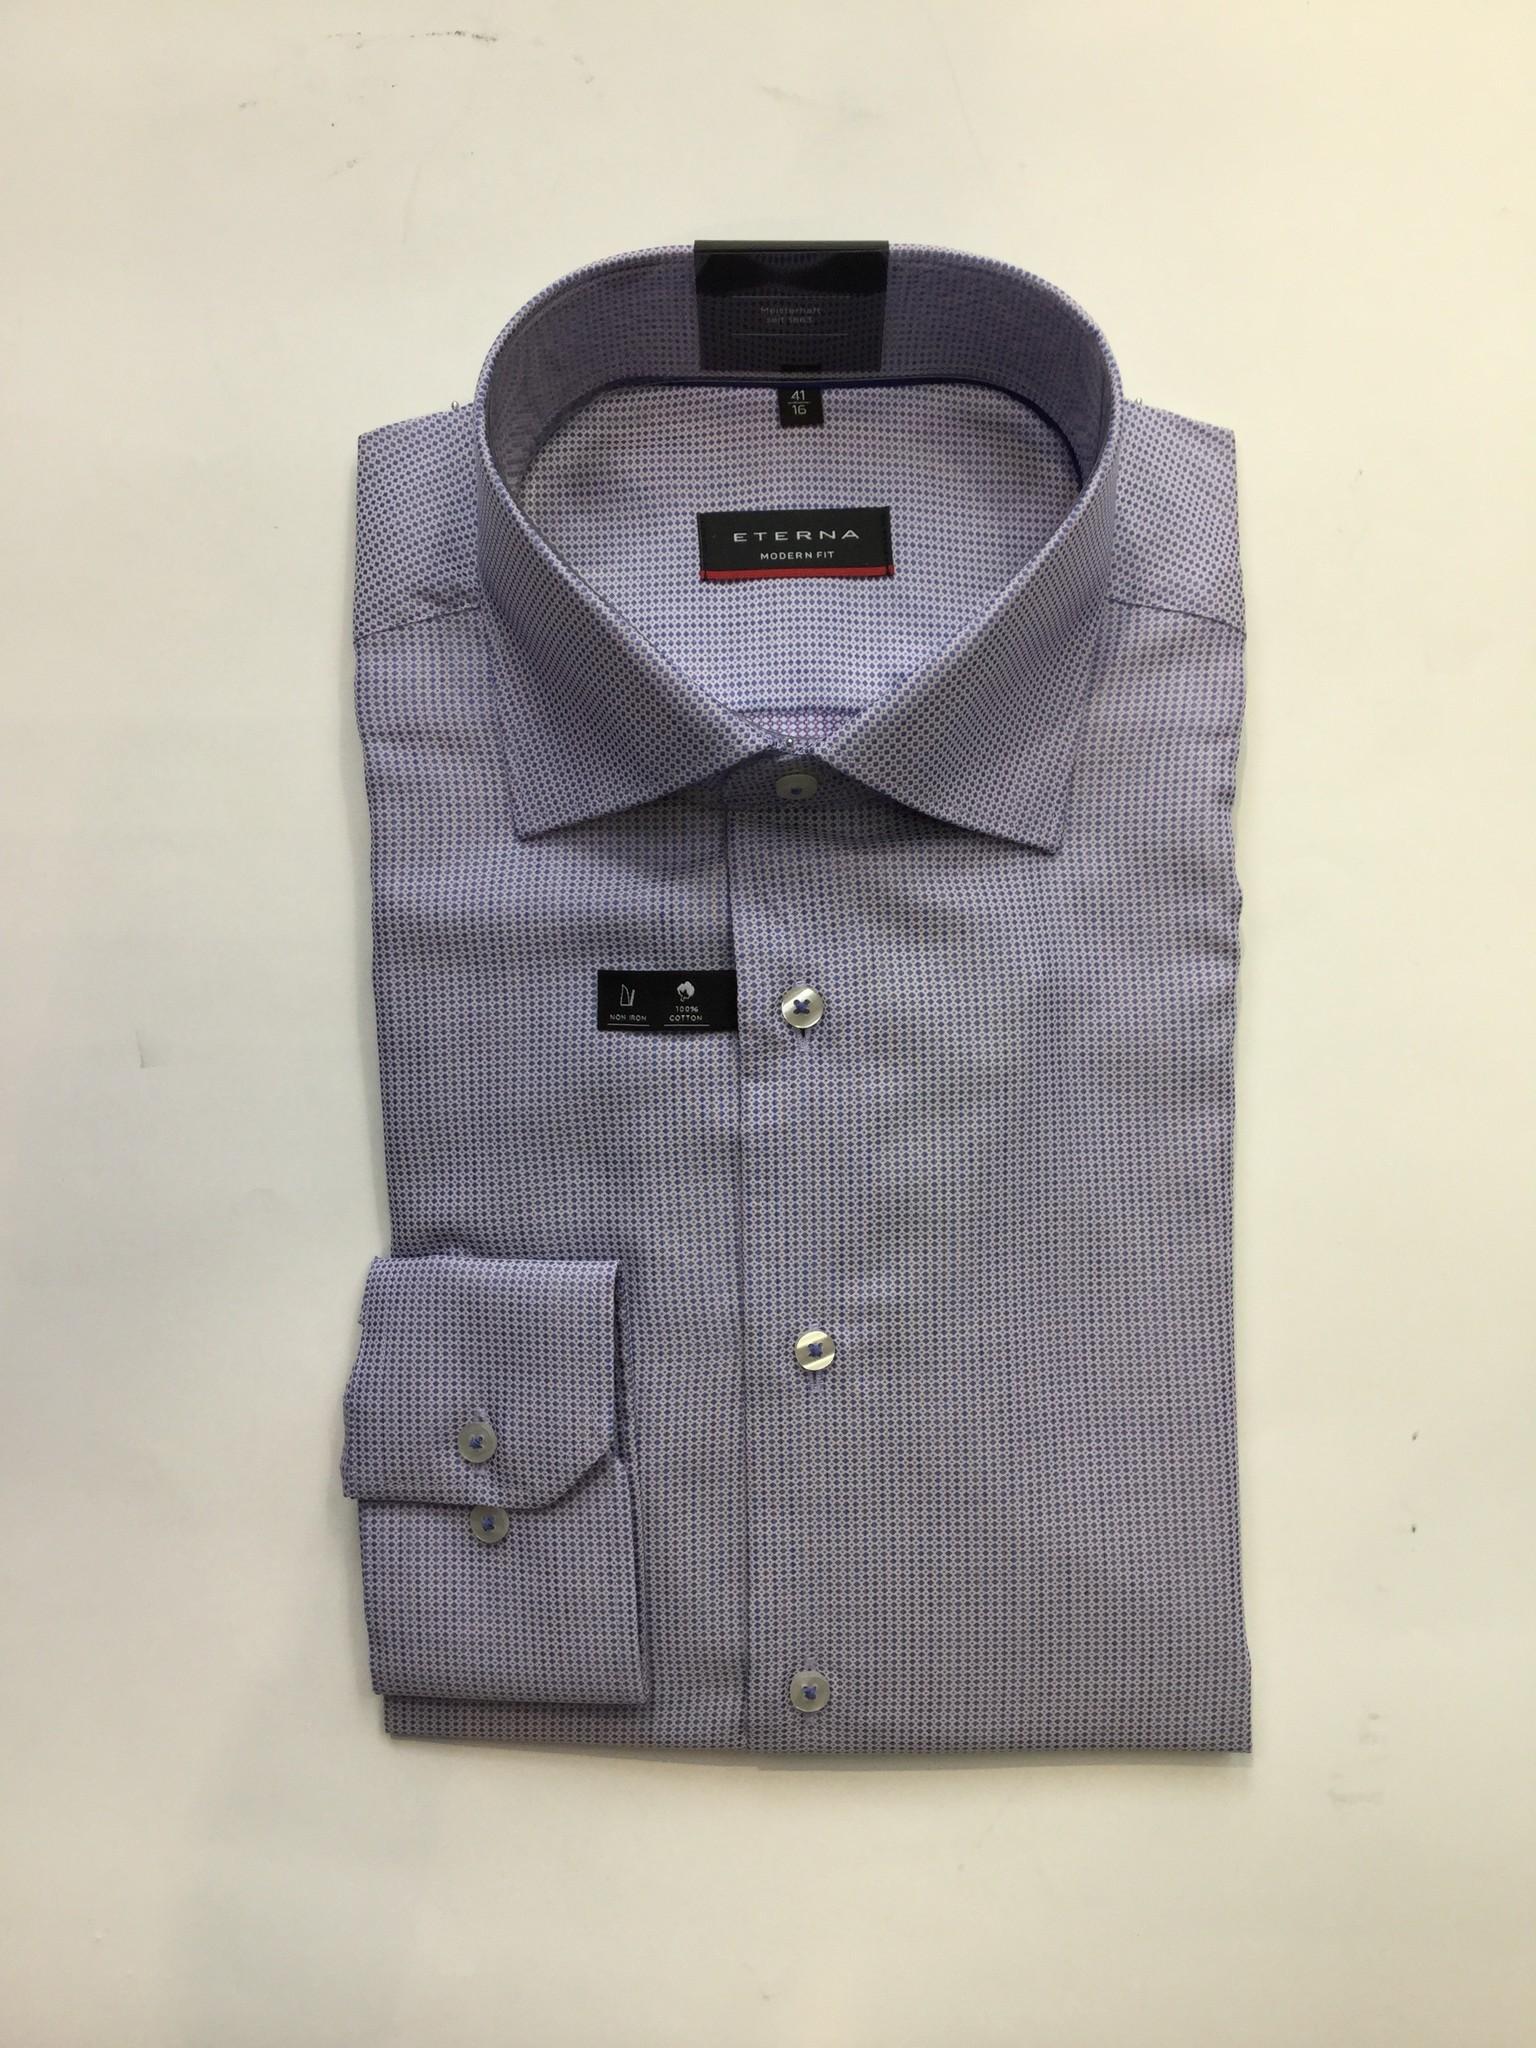 325316 Dress shirt.